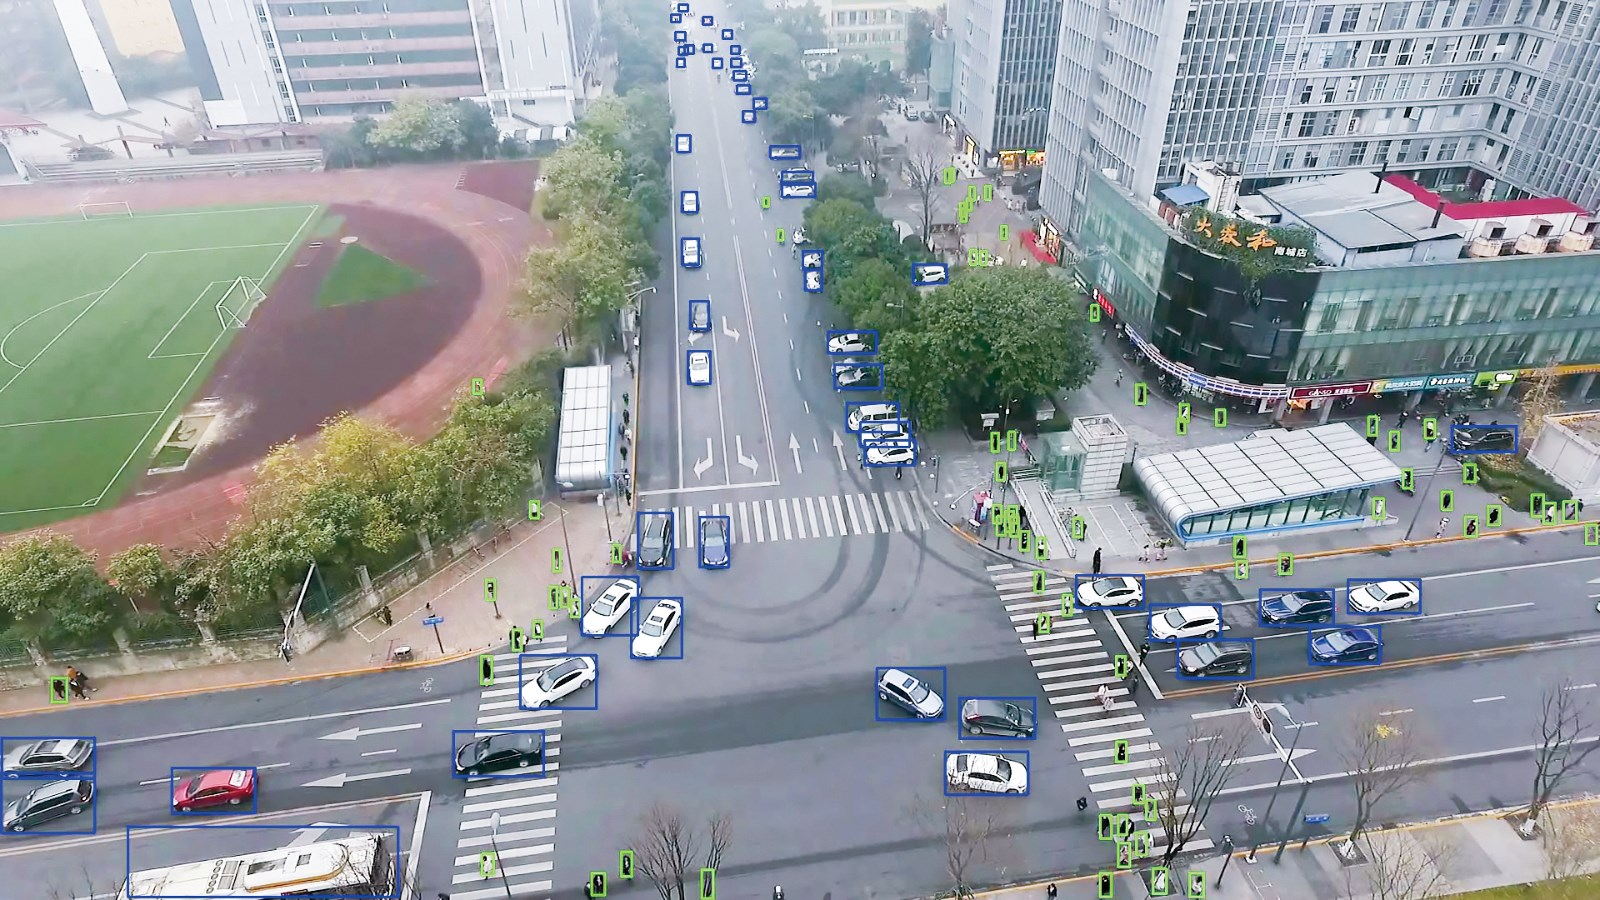 特殊路段行人及车辆检测.jpg